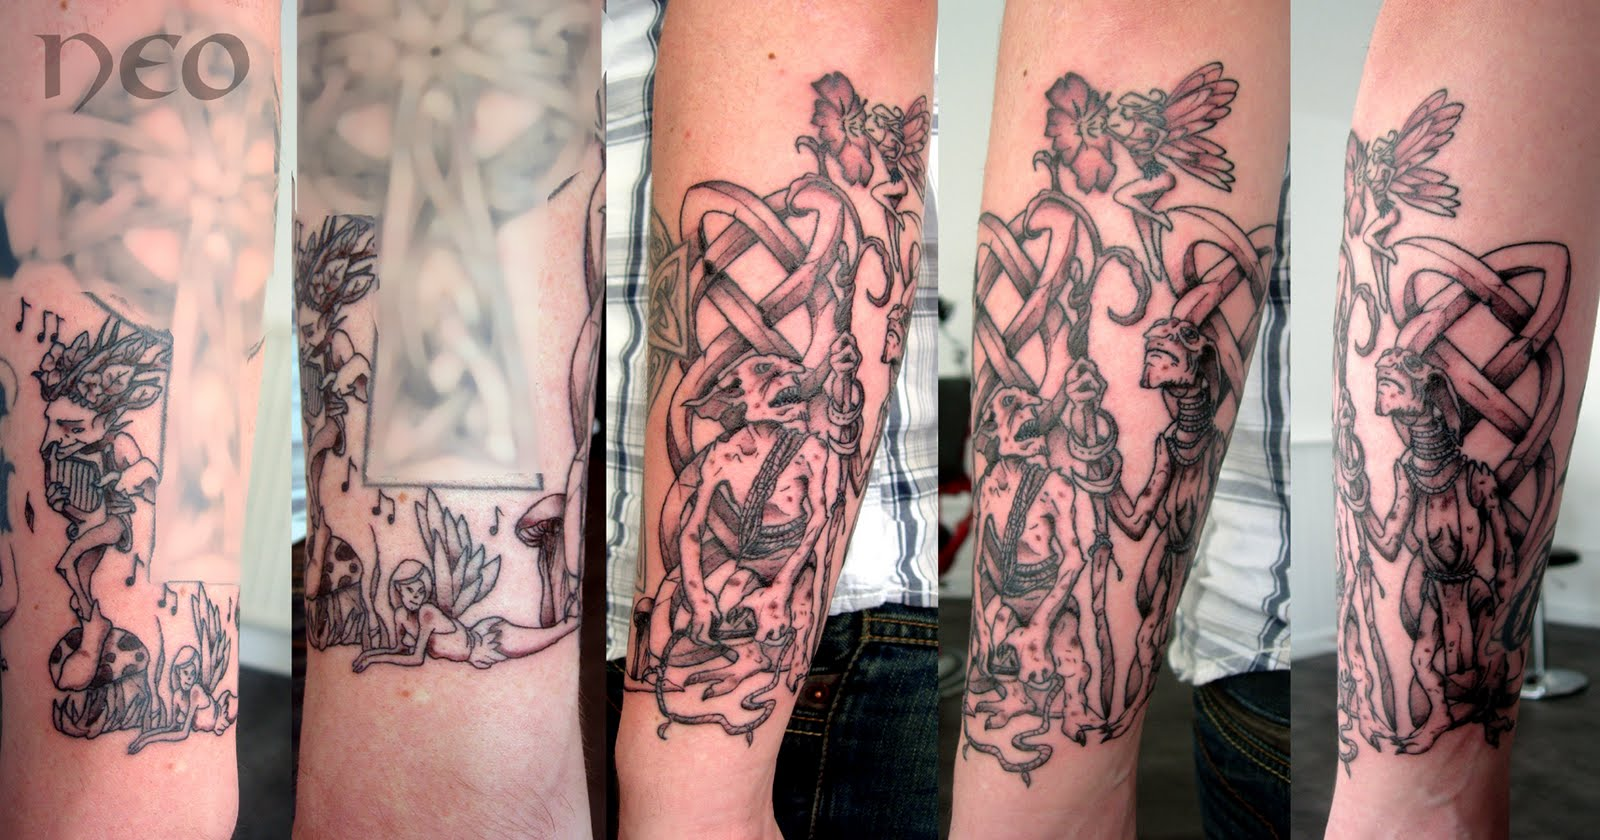 Idées de tatouages celtiques et indo européens - Tatouage Celtique Avant Bras